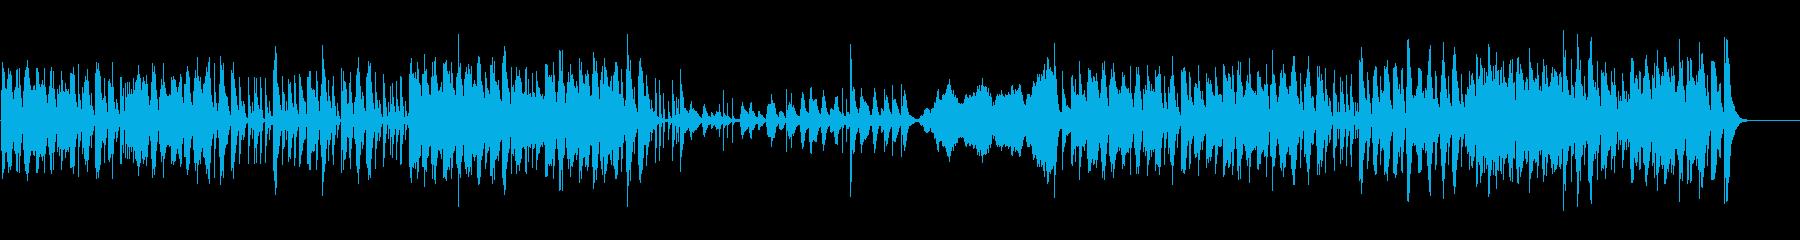 ポップなリズムのコメディータッチ劇伴の再生済みの波形